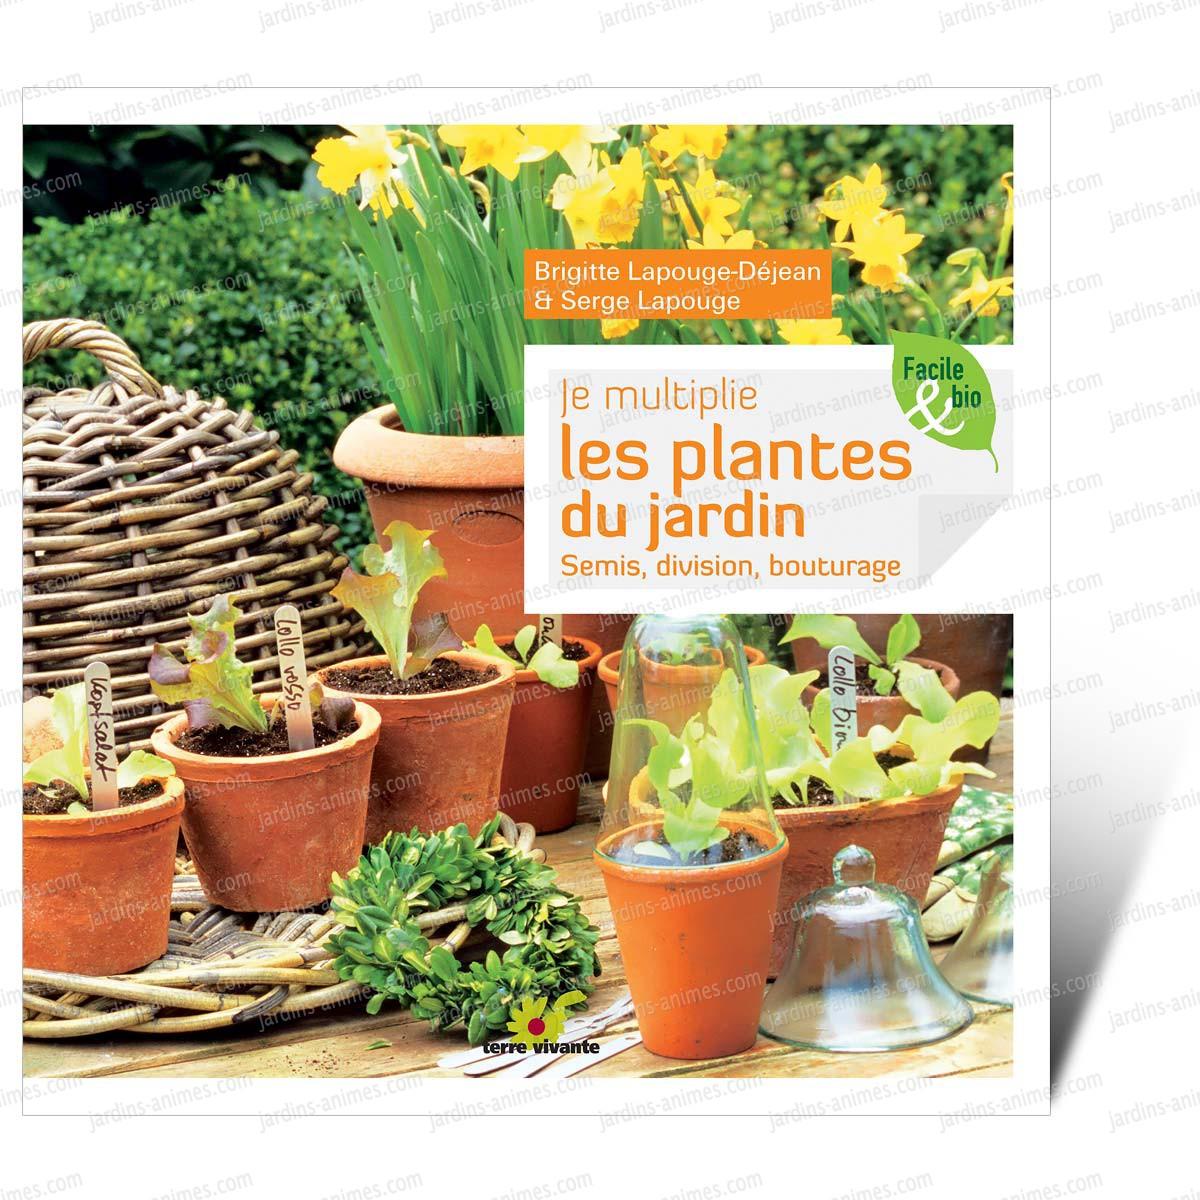 Je multiplie les plantes au jardin livre terre vivante for Jardin les plantes